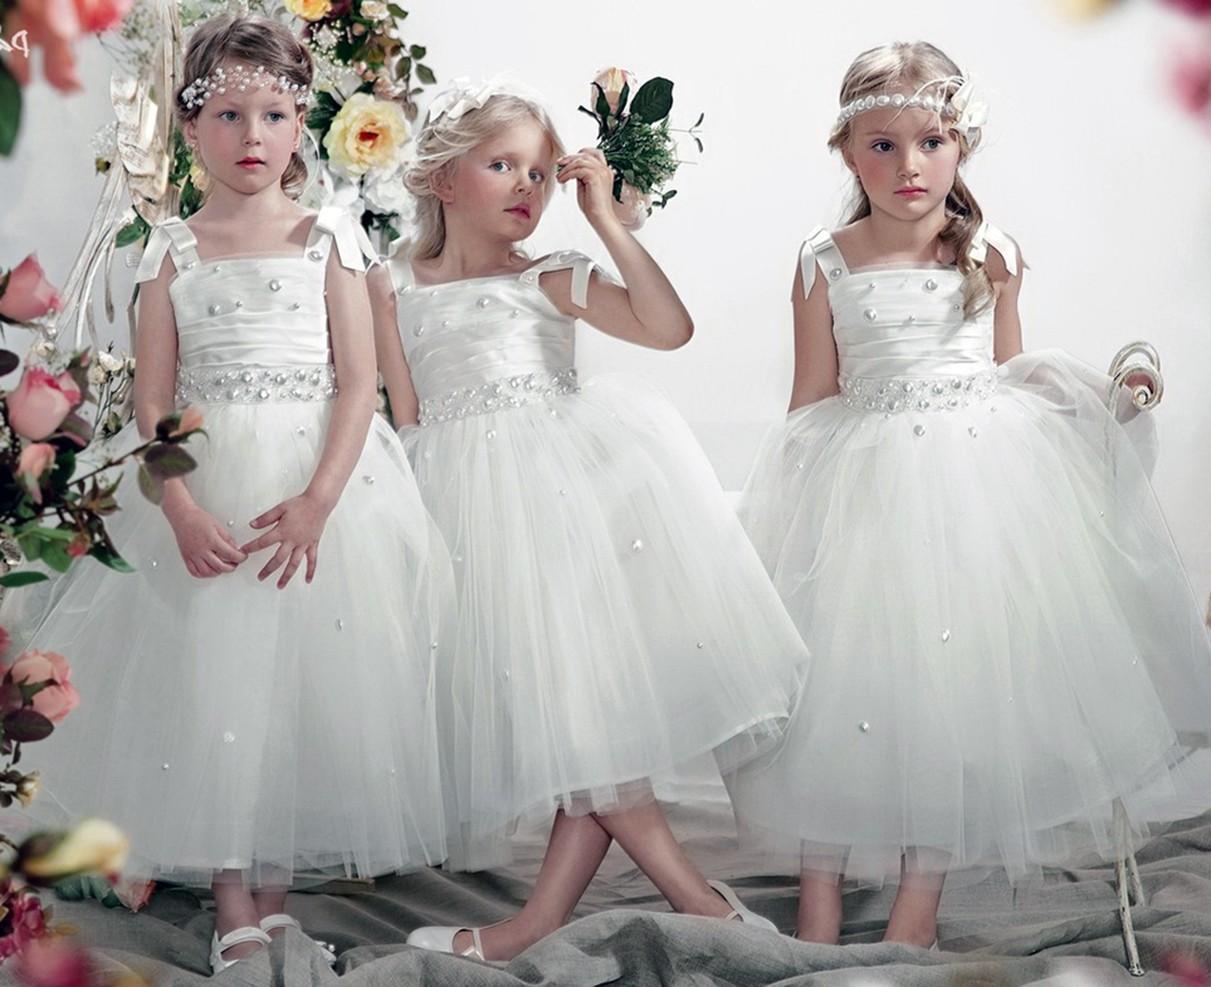 Дети на свадьбе платья девочек